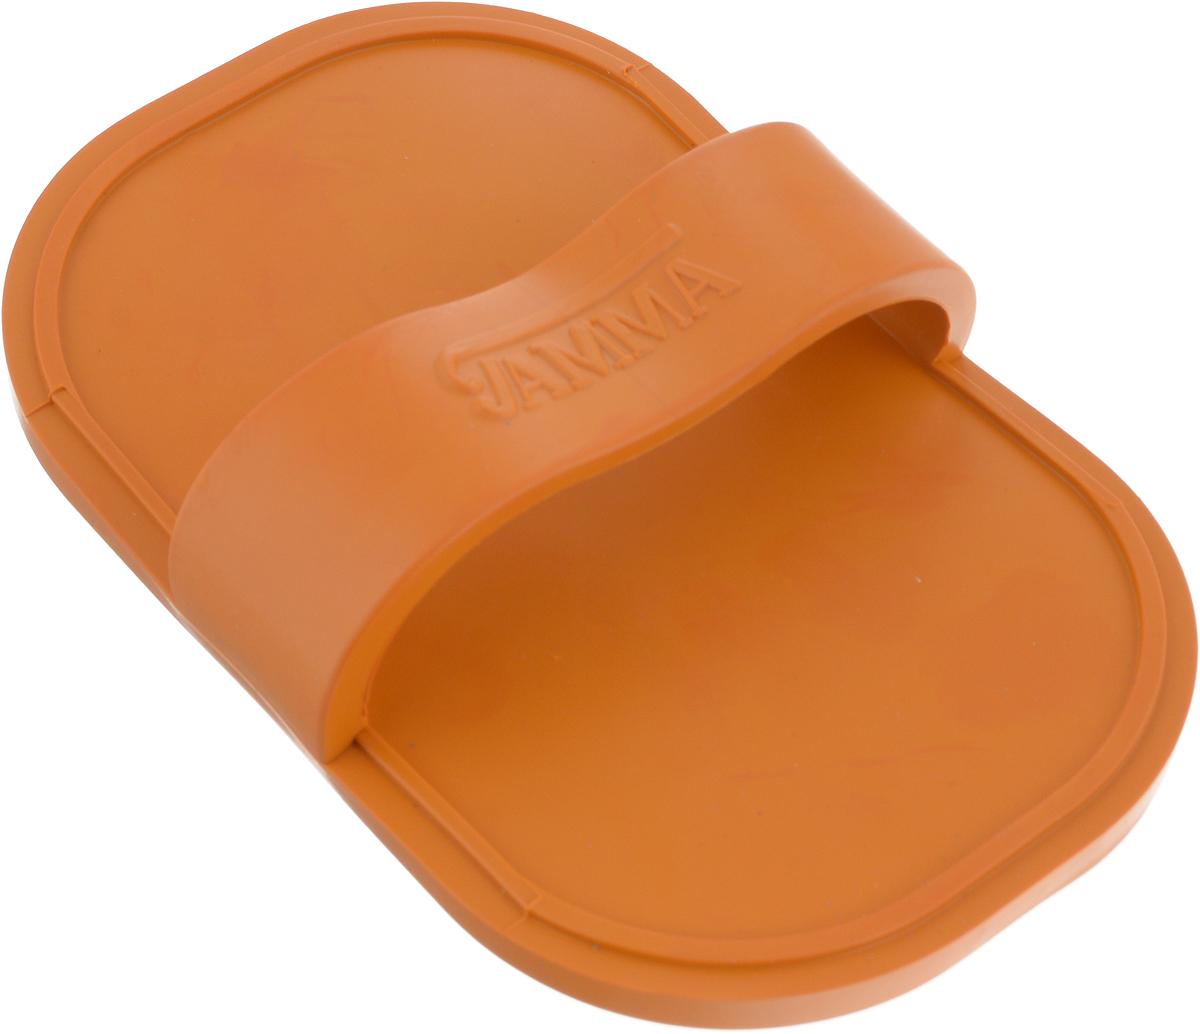 Щетка для животных Гамма, большая, цвет: оранжевый, 17 х 10,5 х 4,5 смЩг-15500_оранжевыйМассажная щетка для животных Гамма выполнена из качественного безопасного материала, не травмирующего кожу животного. Щётку удобно держать на руке с помощью специальной лямке.Компактный размер позволяет брать щетку с собой в дорогу. Размер щетки: 17 х 10,5 х 4,5 см.Длина зубчиков: 6 мм.